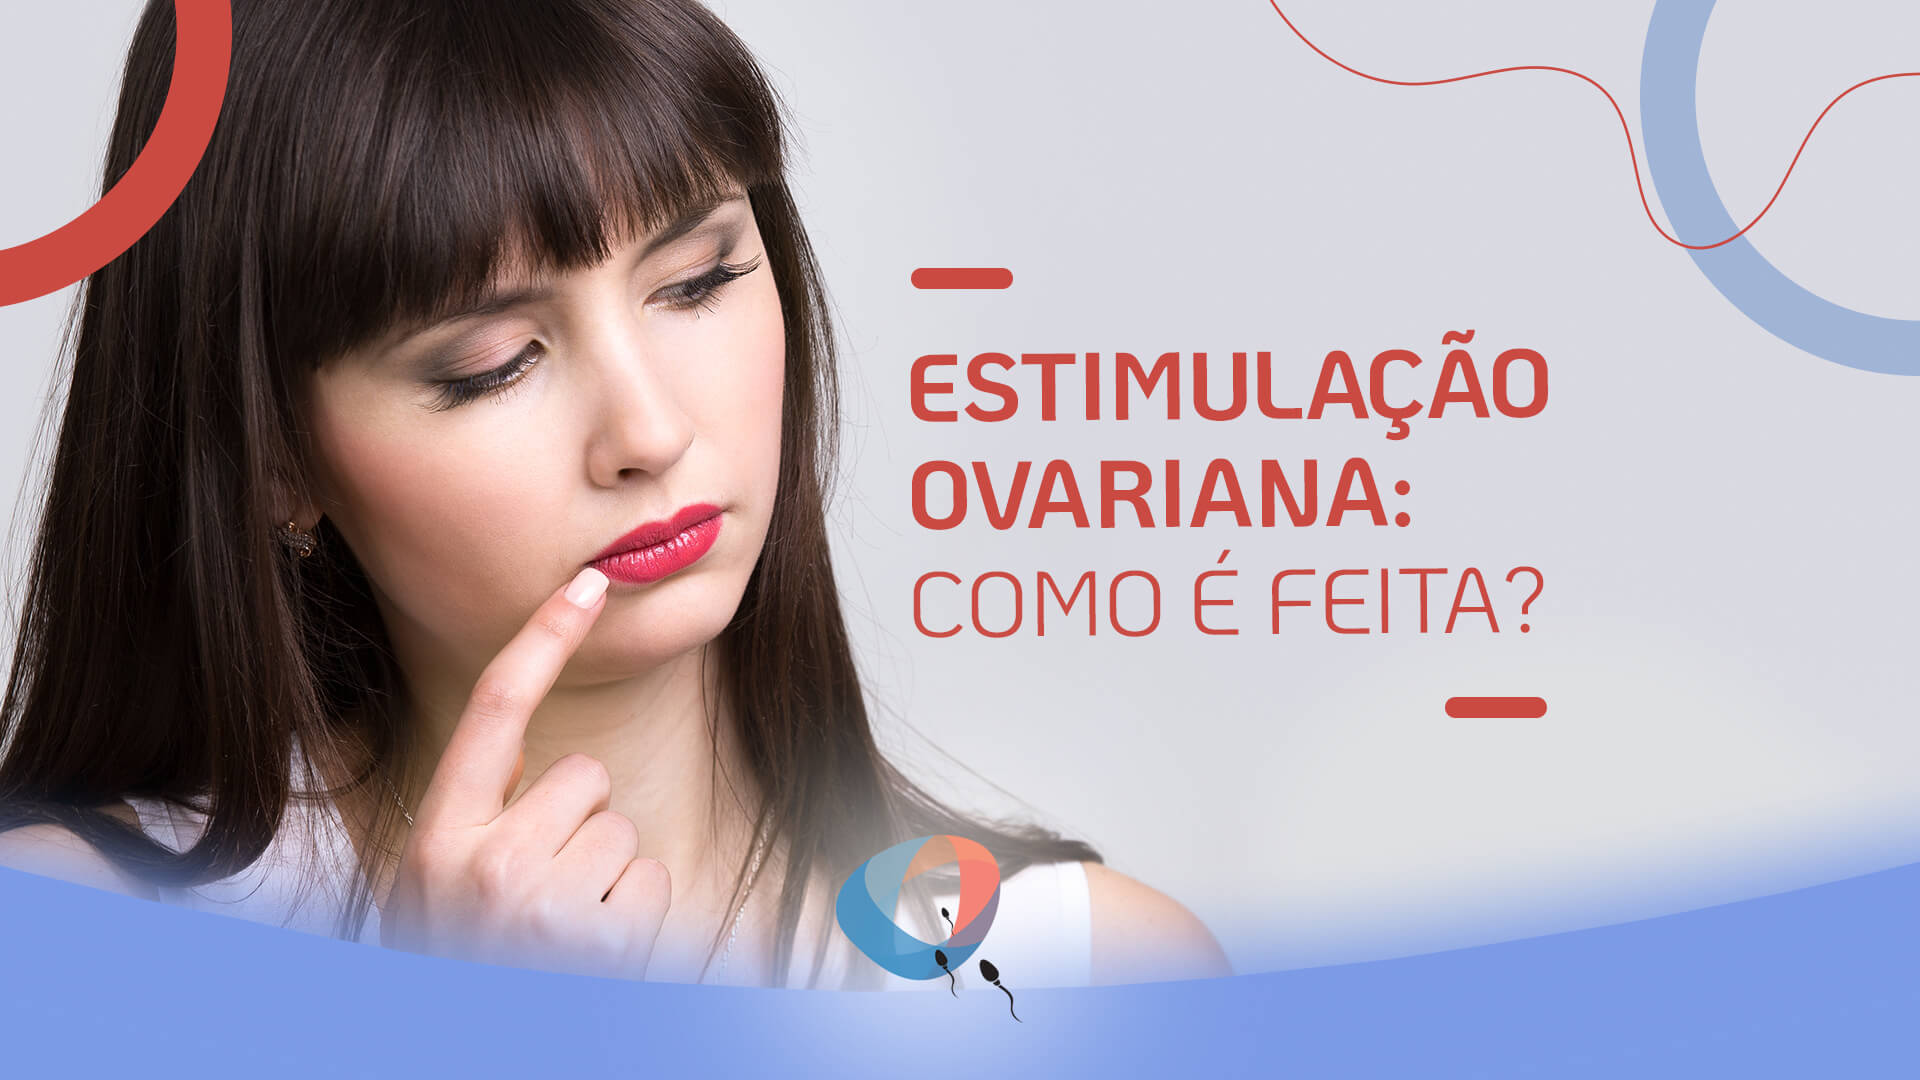 Estimulação ovariana: como é feita?